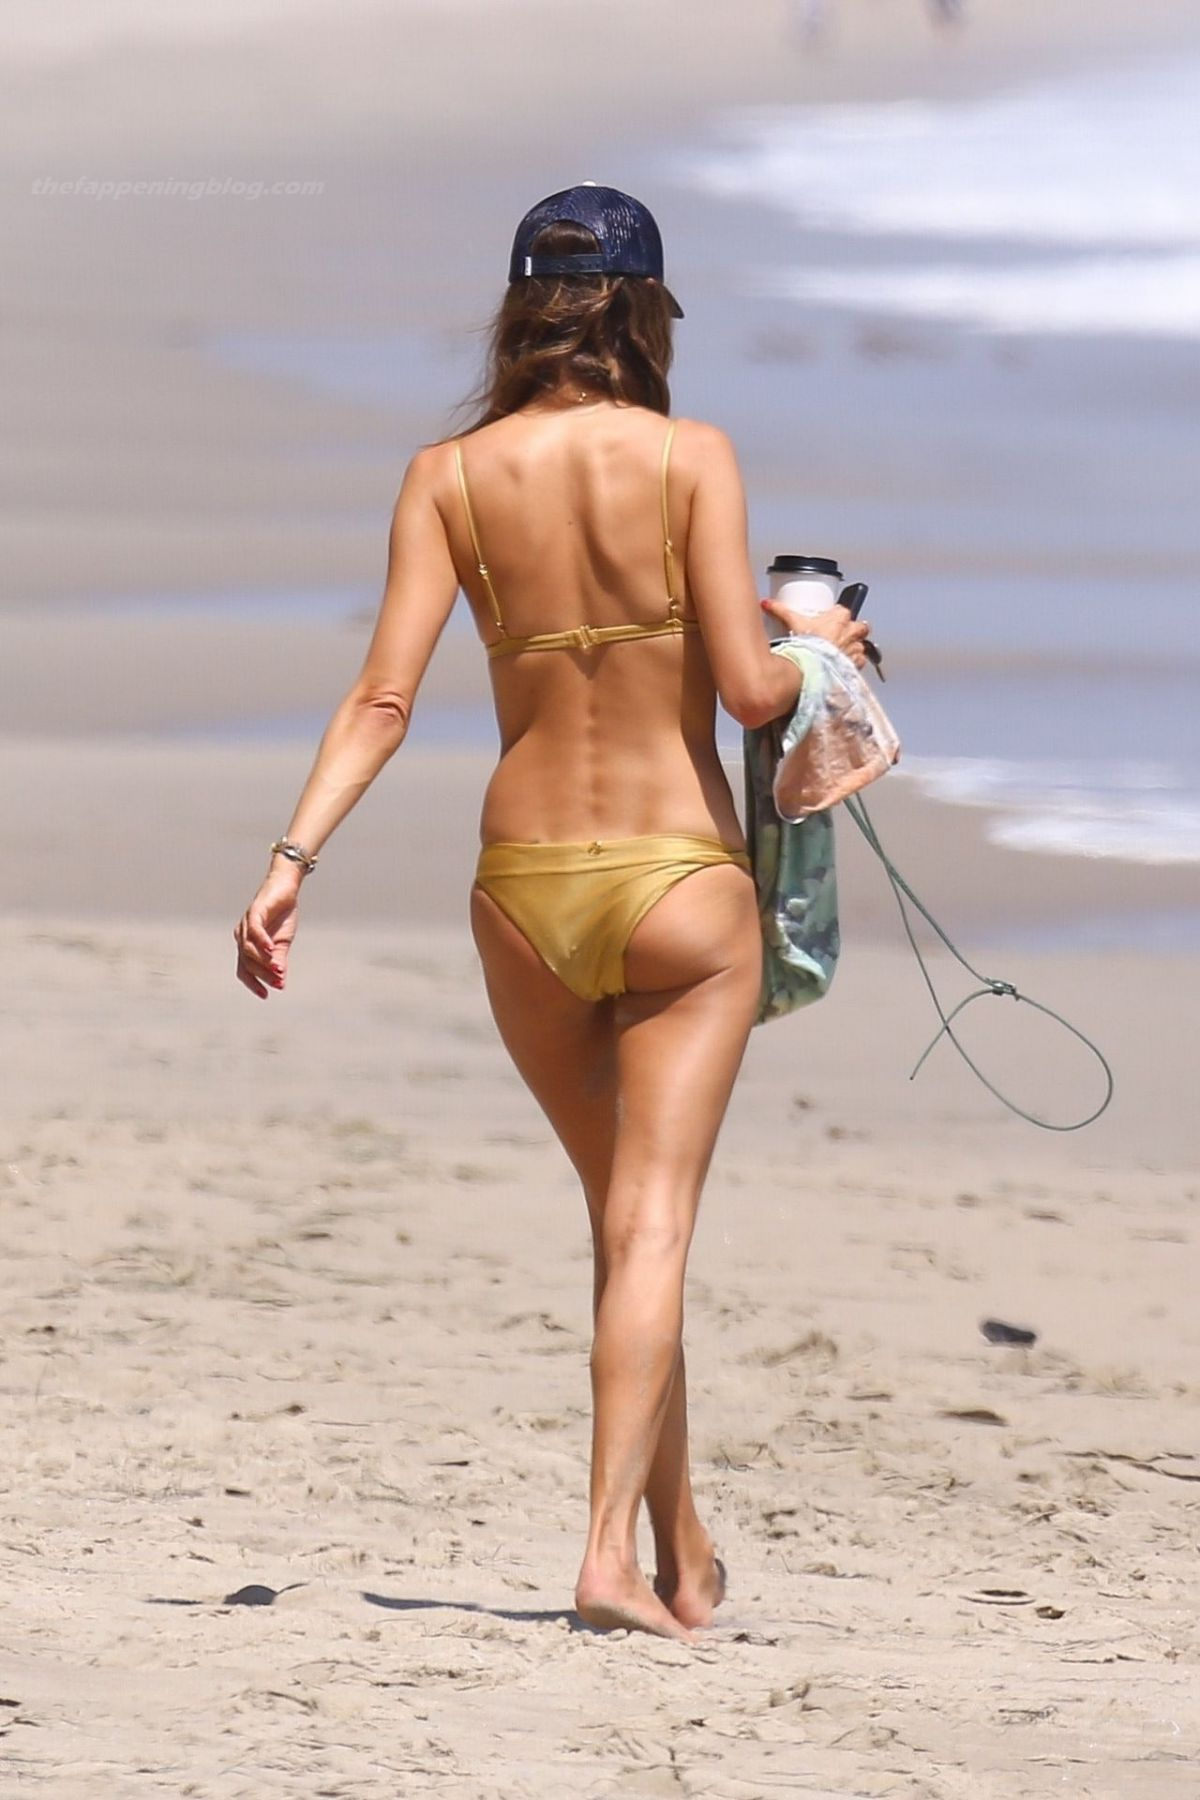 Alessandra ambrosia pregnant bikini